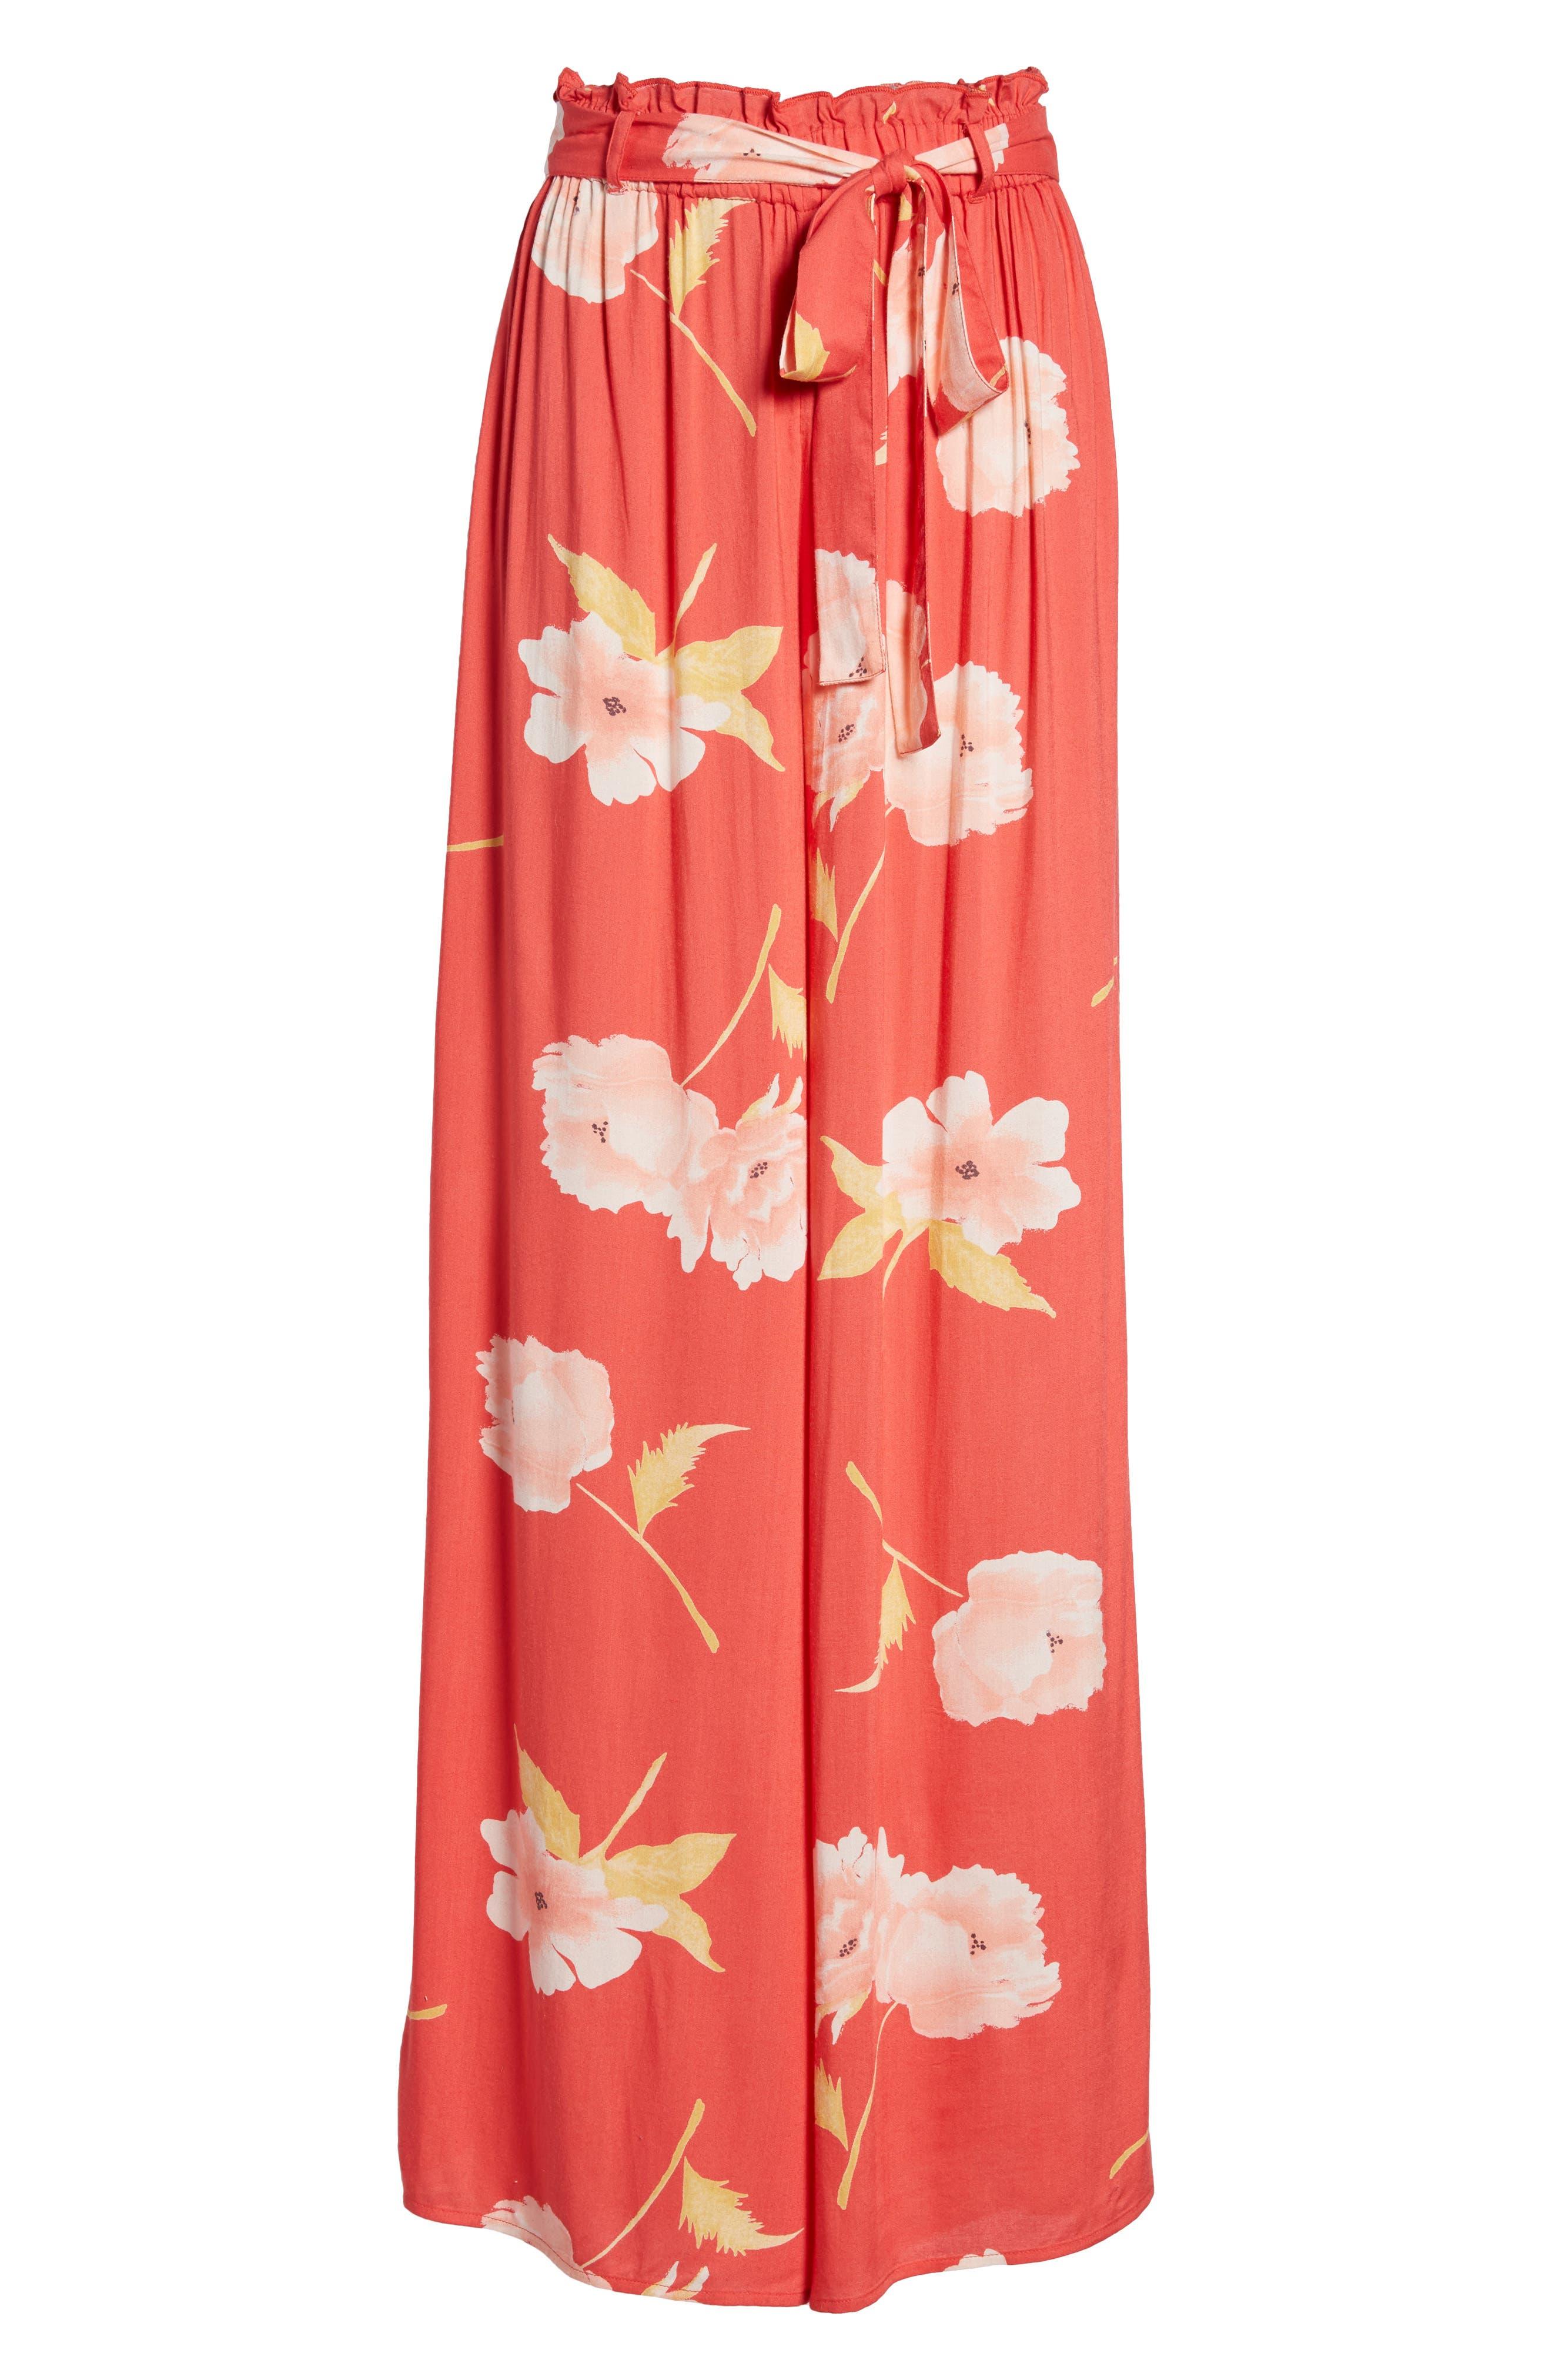 Happy Dance Floral Wide Leg Pants,                             Alternate thumbnail 7, color,                             Ger-Geranium